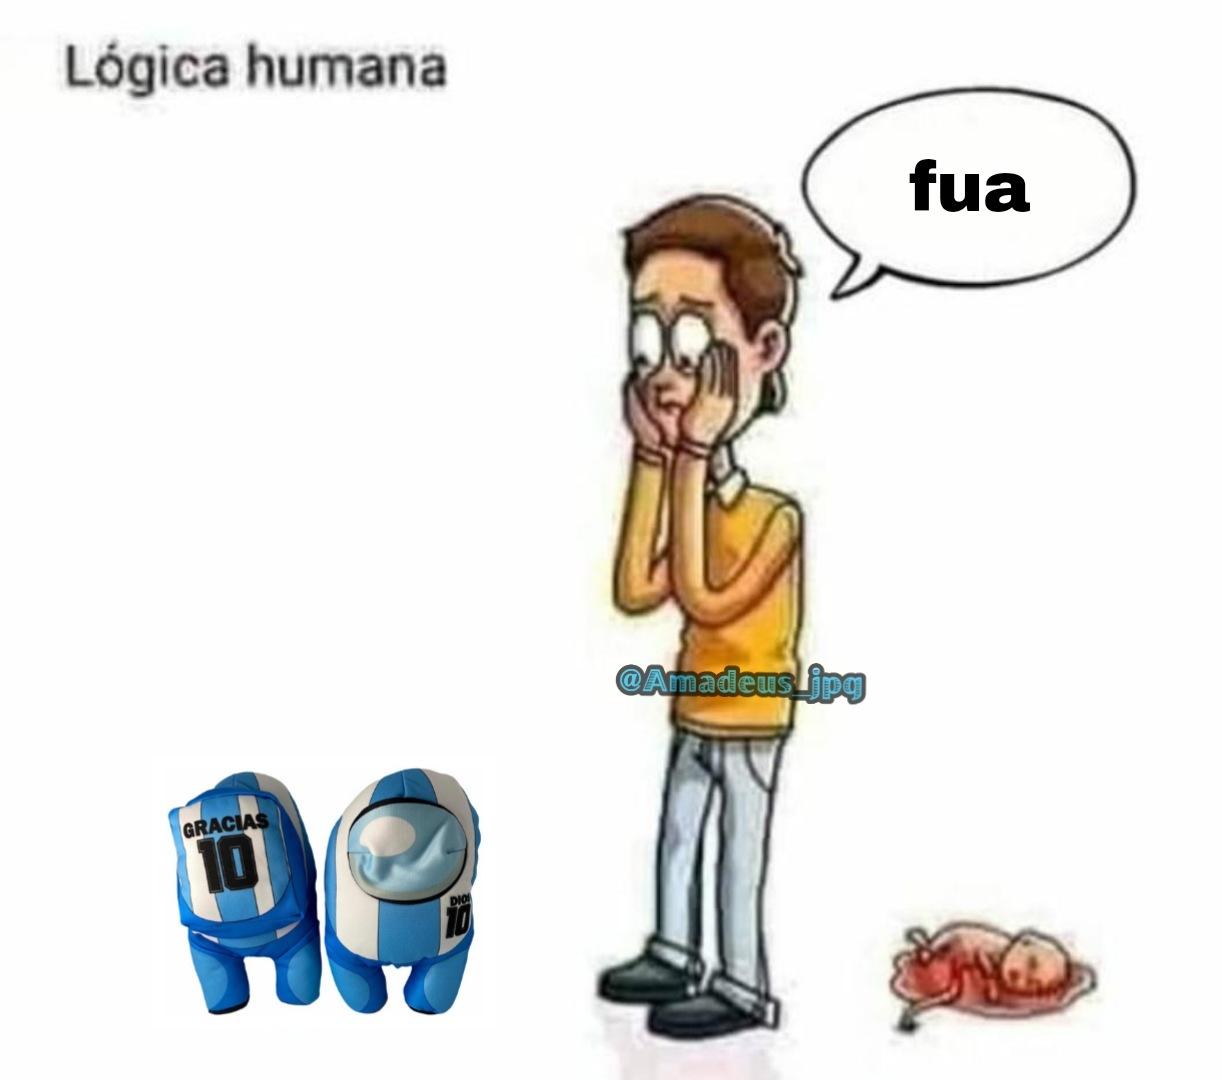 Ig: amadeus_jpg - meme